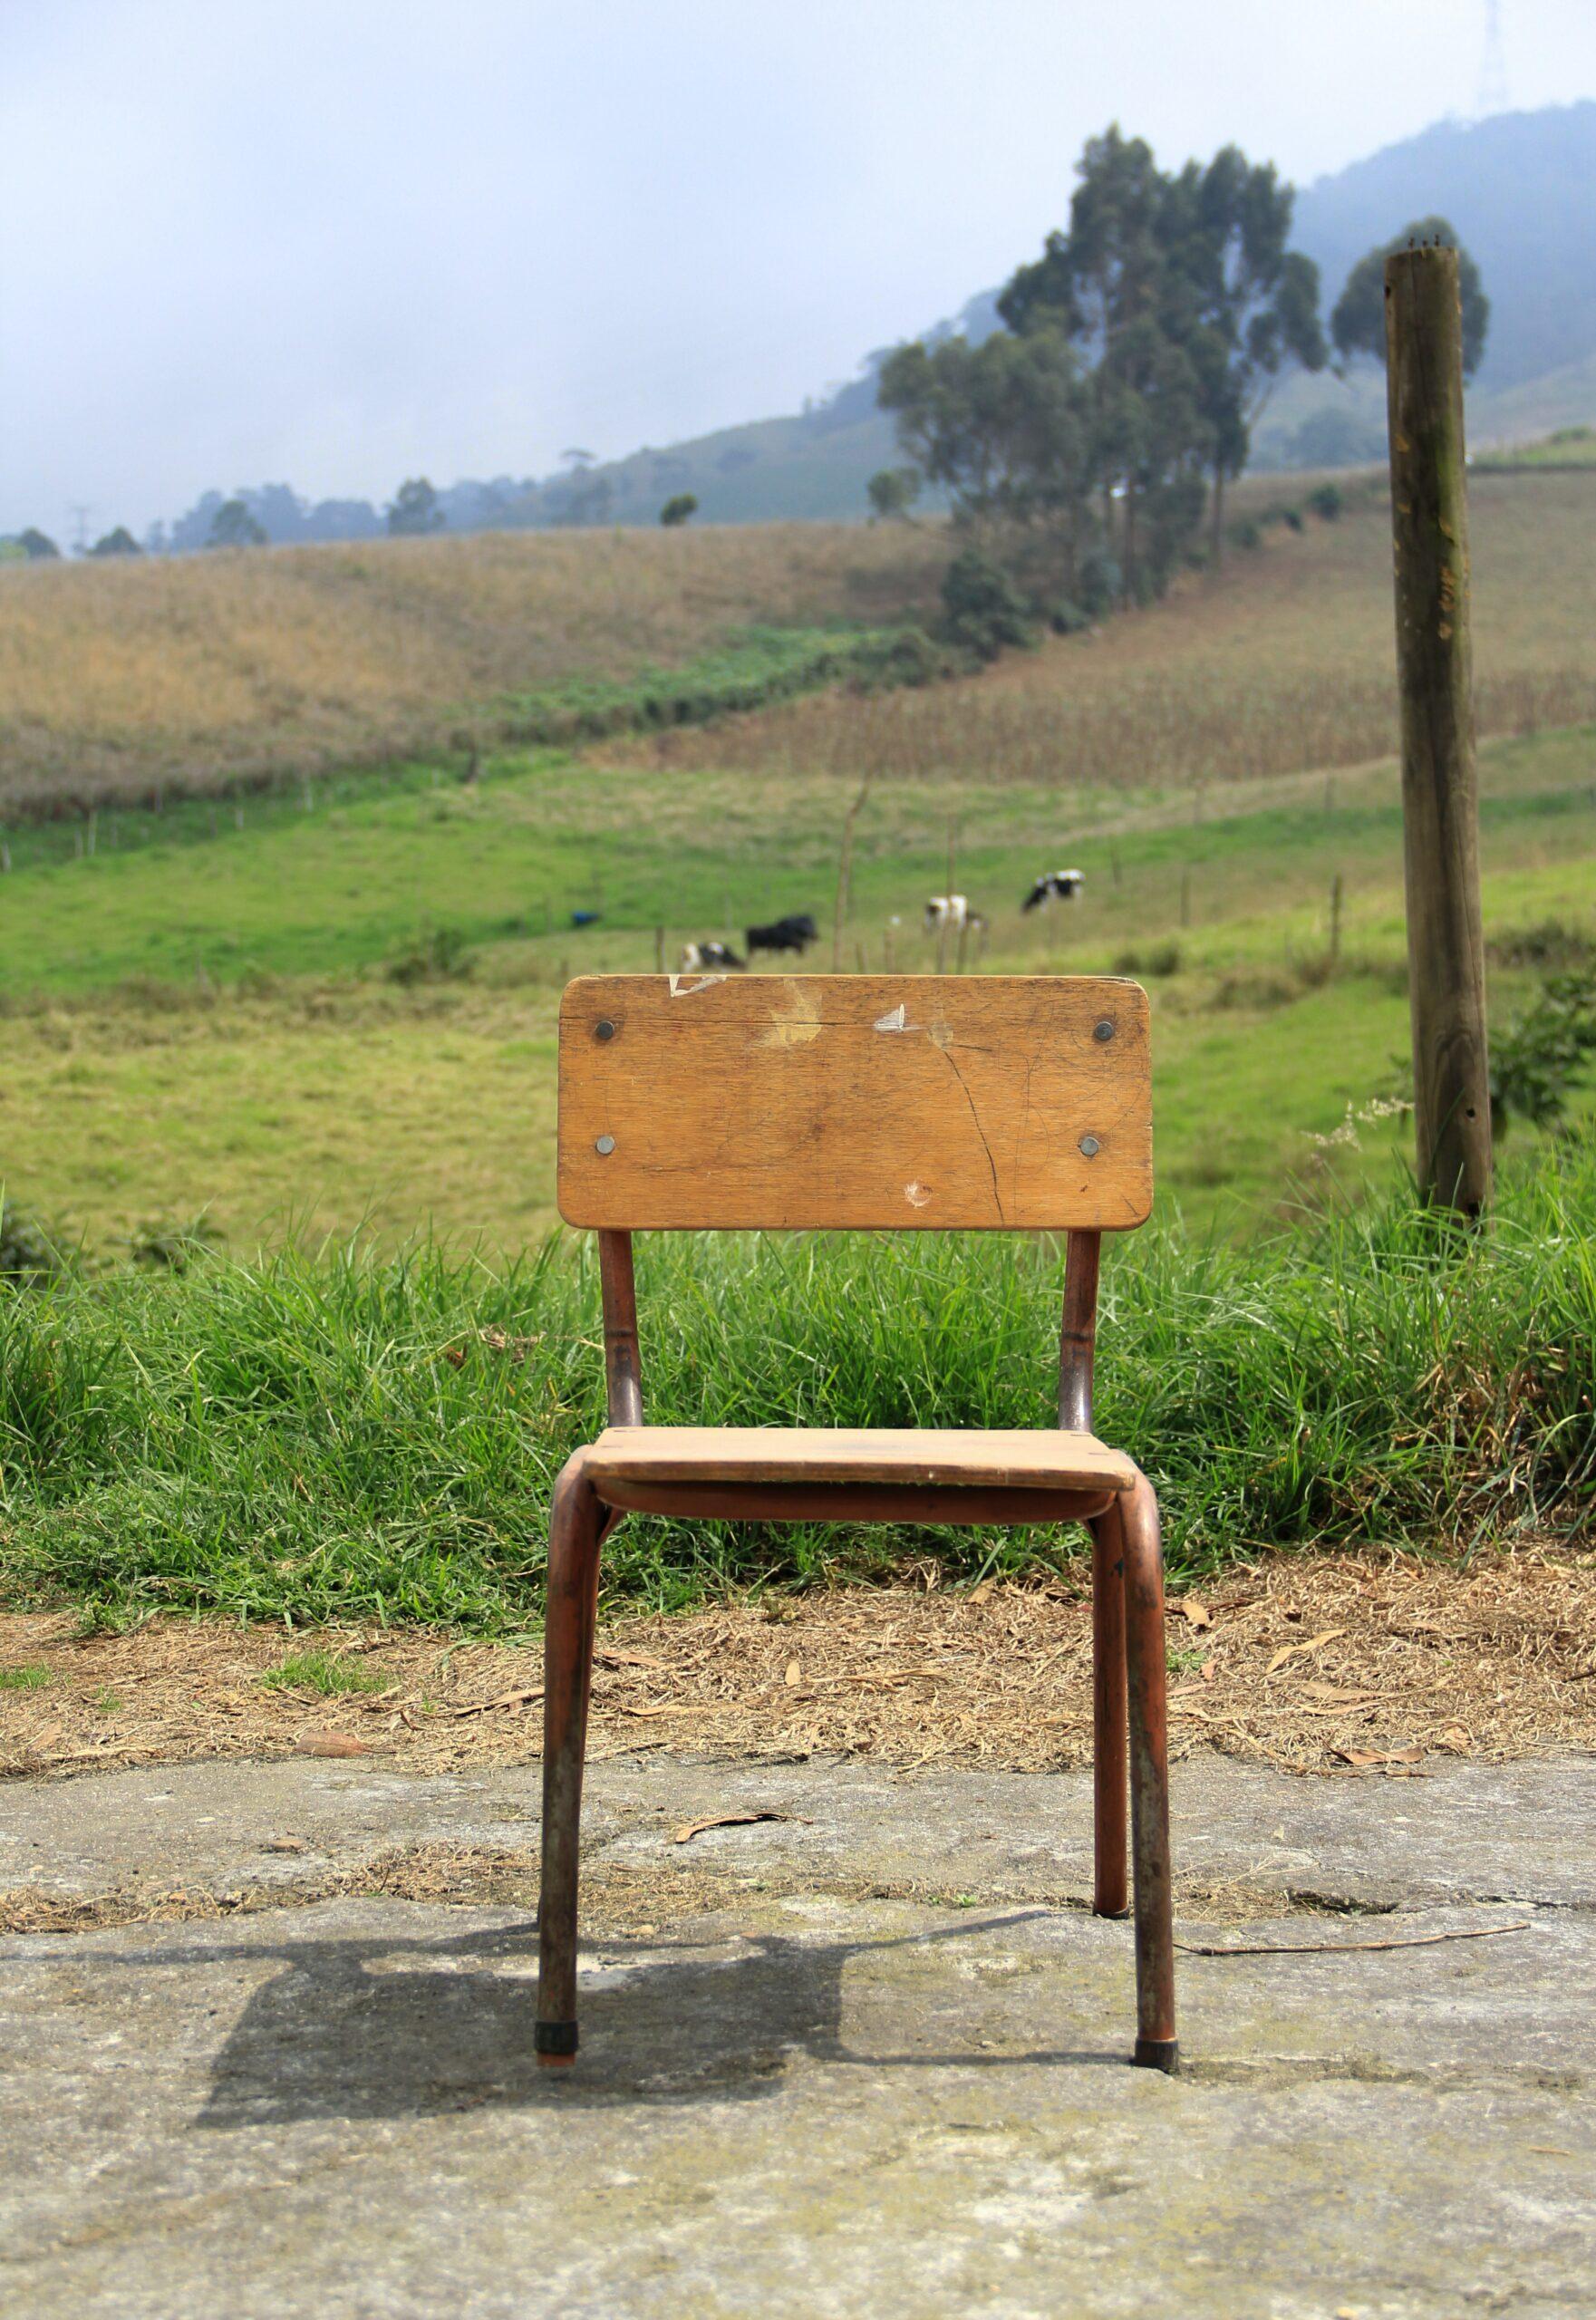 Billede af stol foran mark